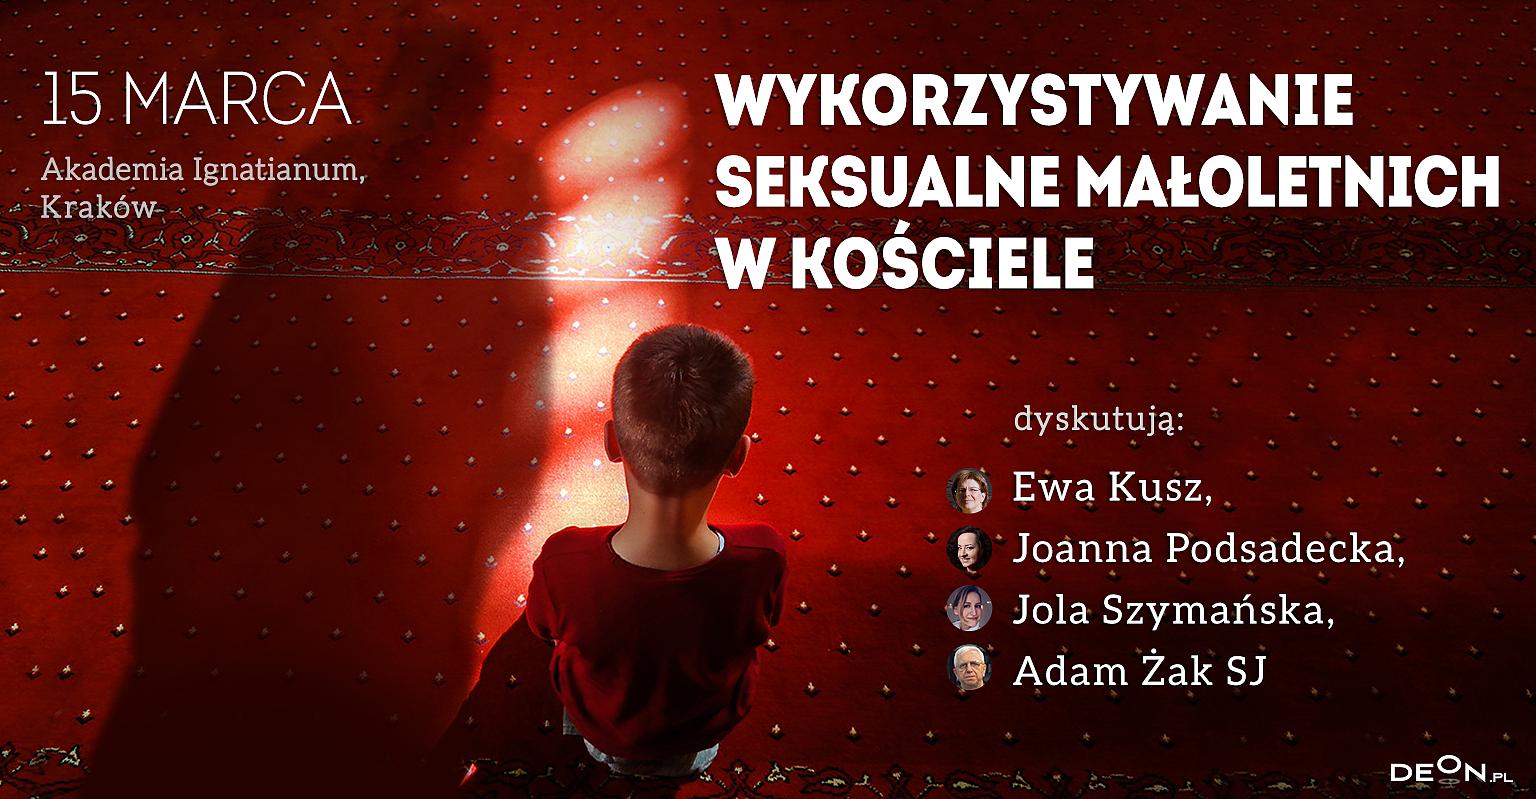 Archidiecezja warszawska odniosła się do zarzutów stawianych w raporcie